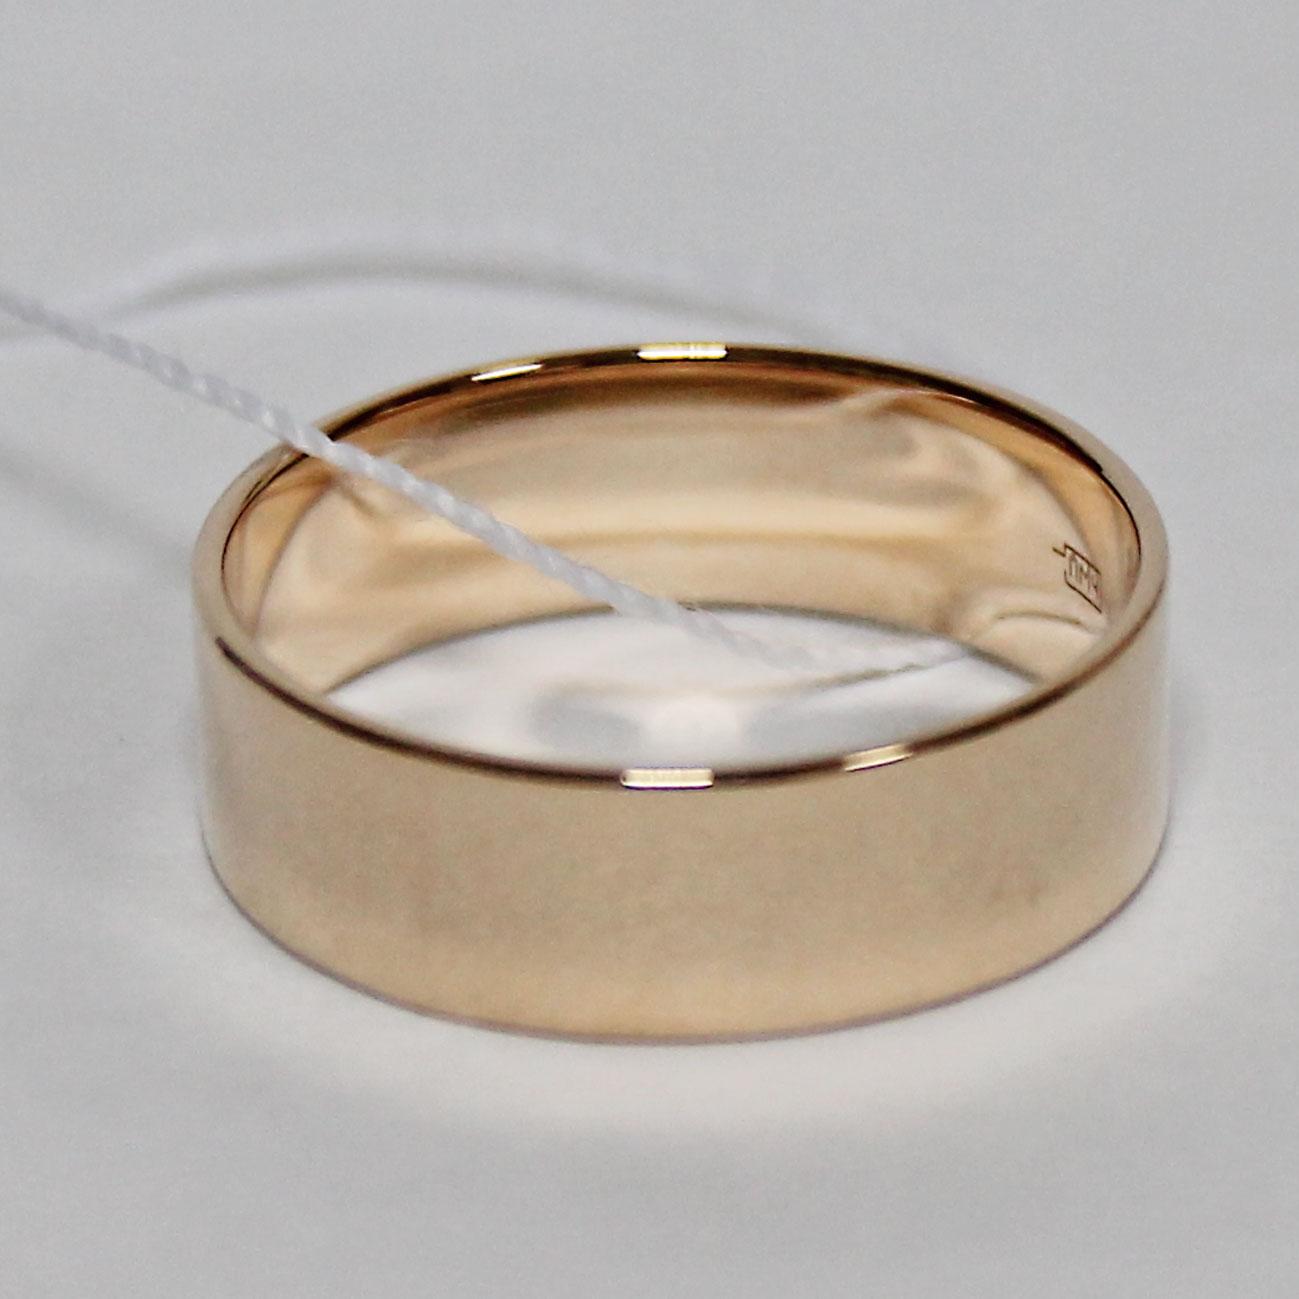 Обручальное кольцо прямое, широкое, красное золото 585 проба 6 мм cf1838b8c67